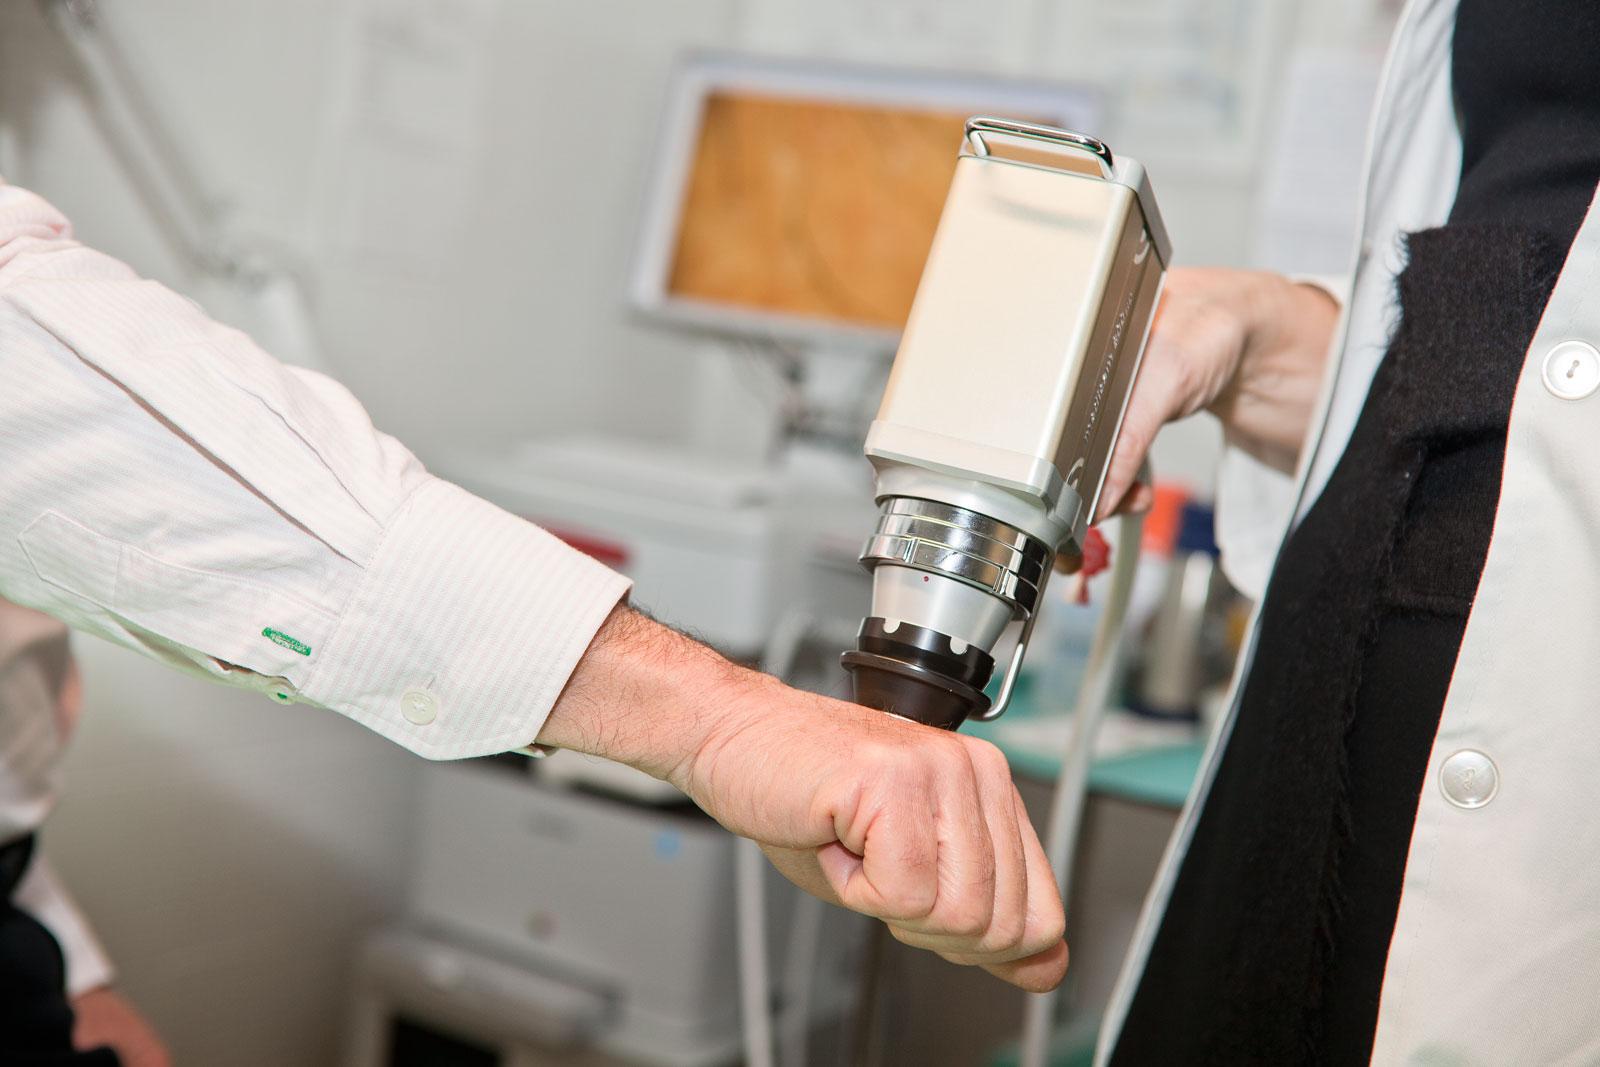 deteccion precoz cancer de piel - deteccion cancer piel granada